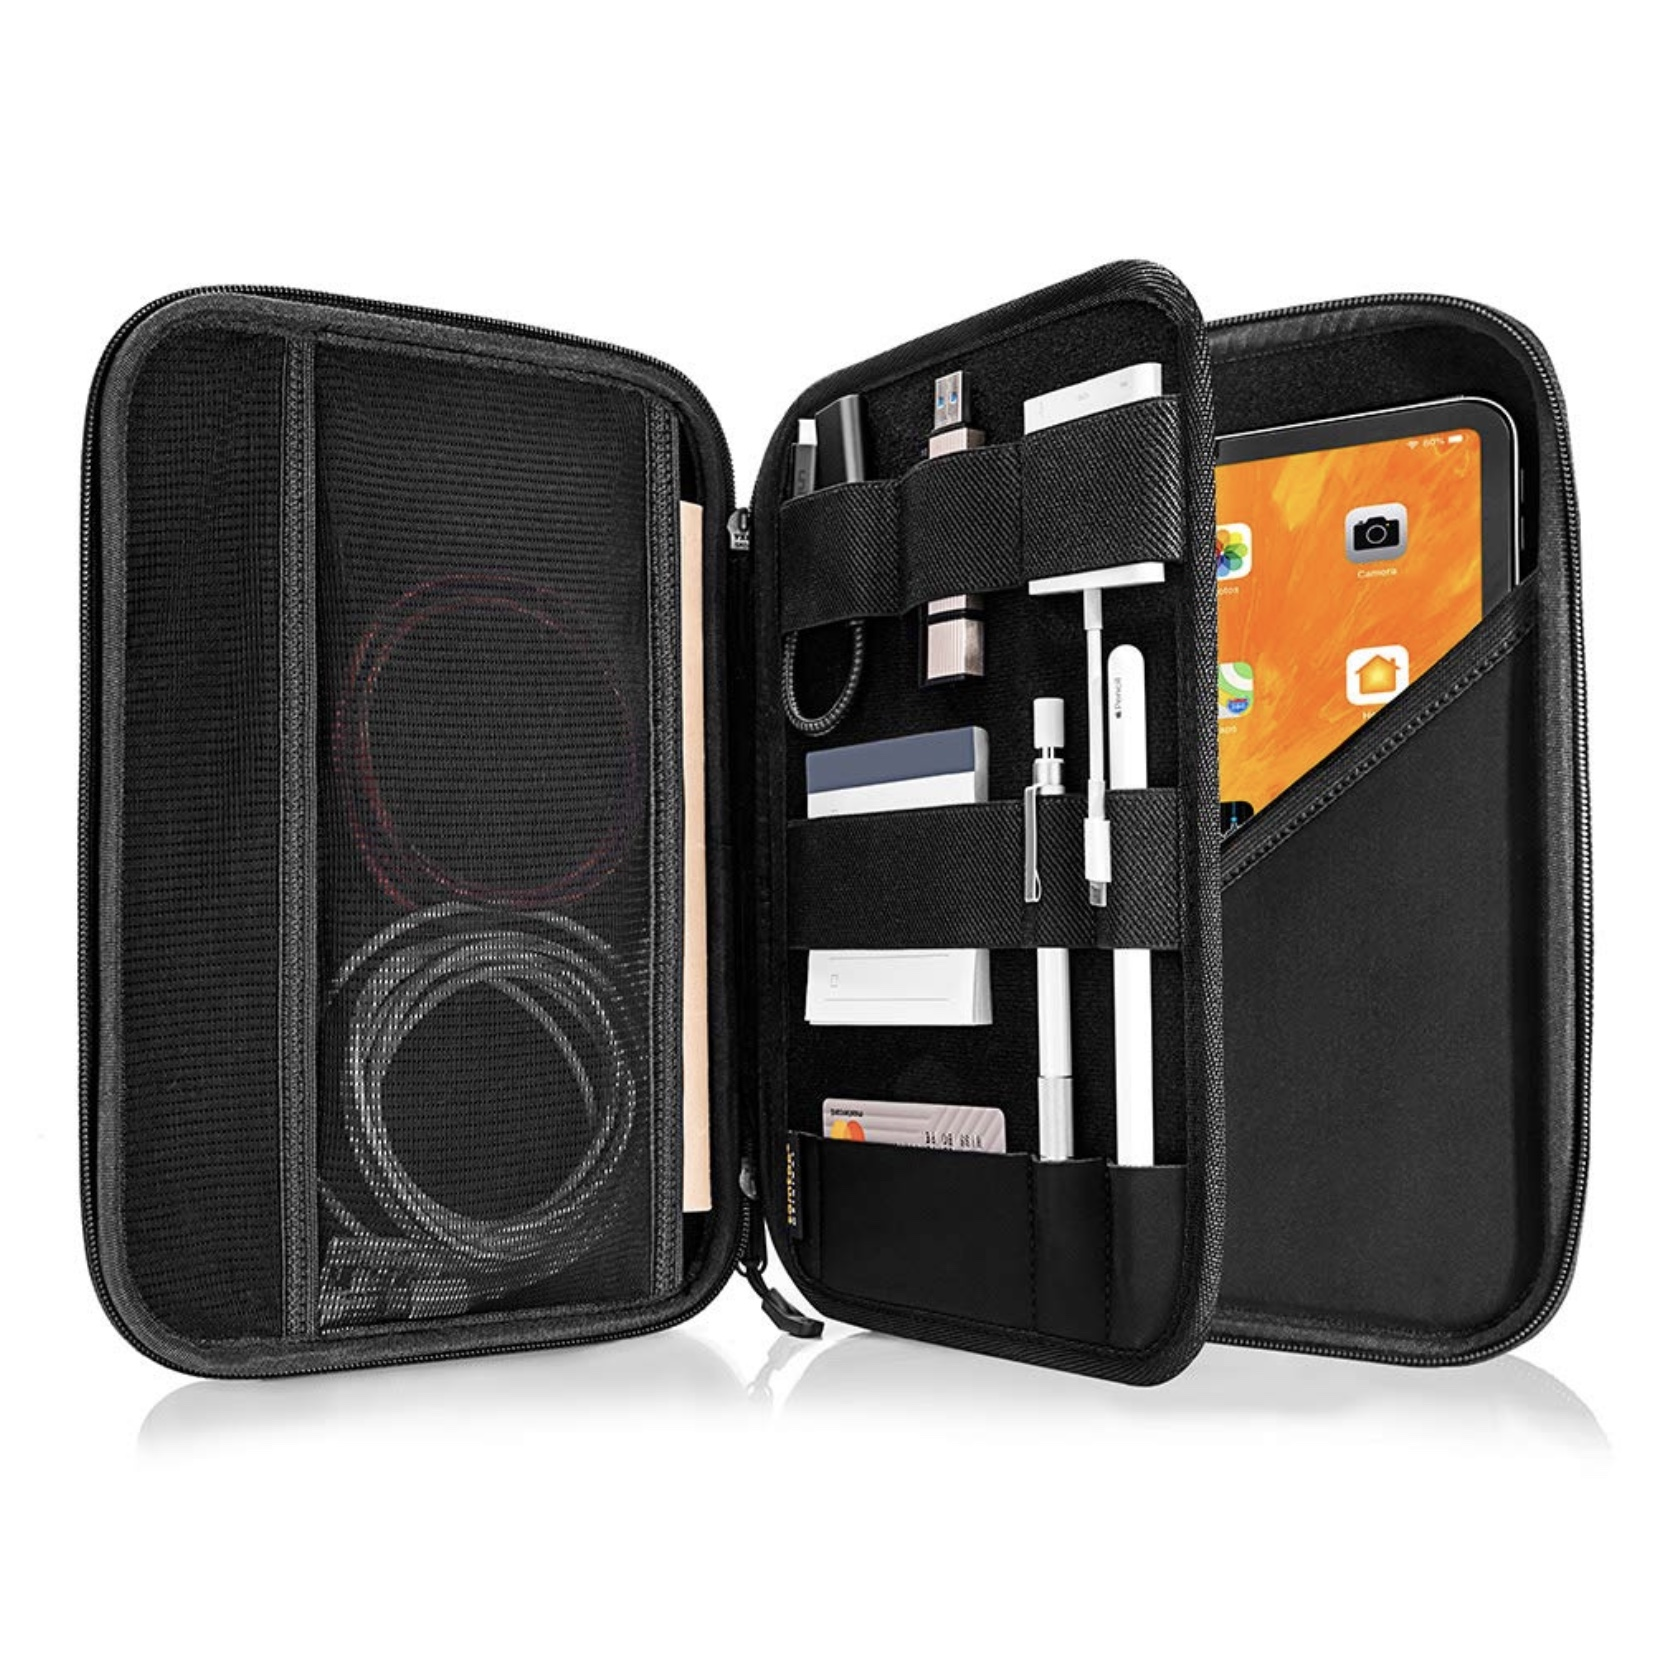 Etui Universel Rangement Cables Accessoires et Tablettes 9.7 à 11 pouces